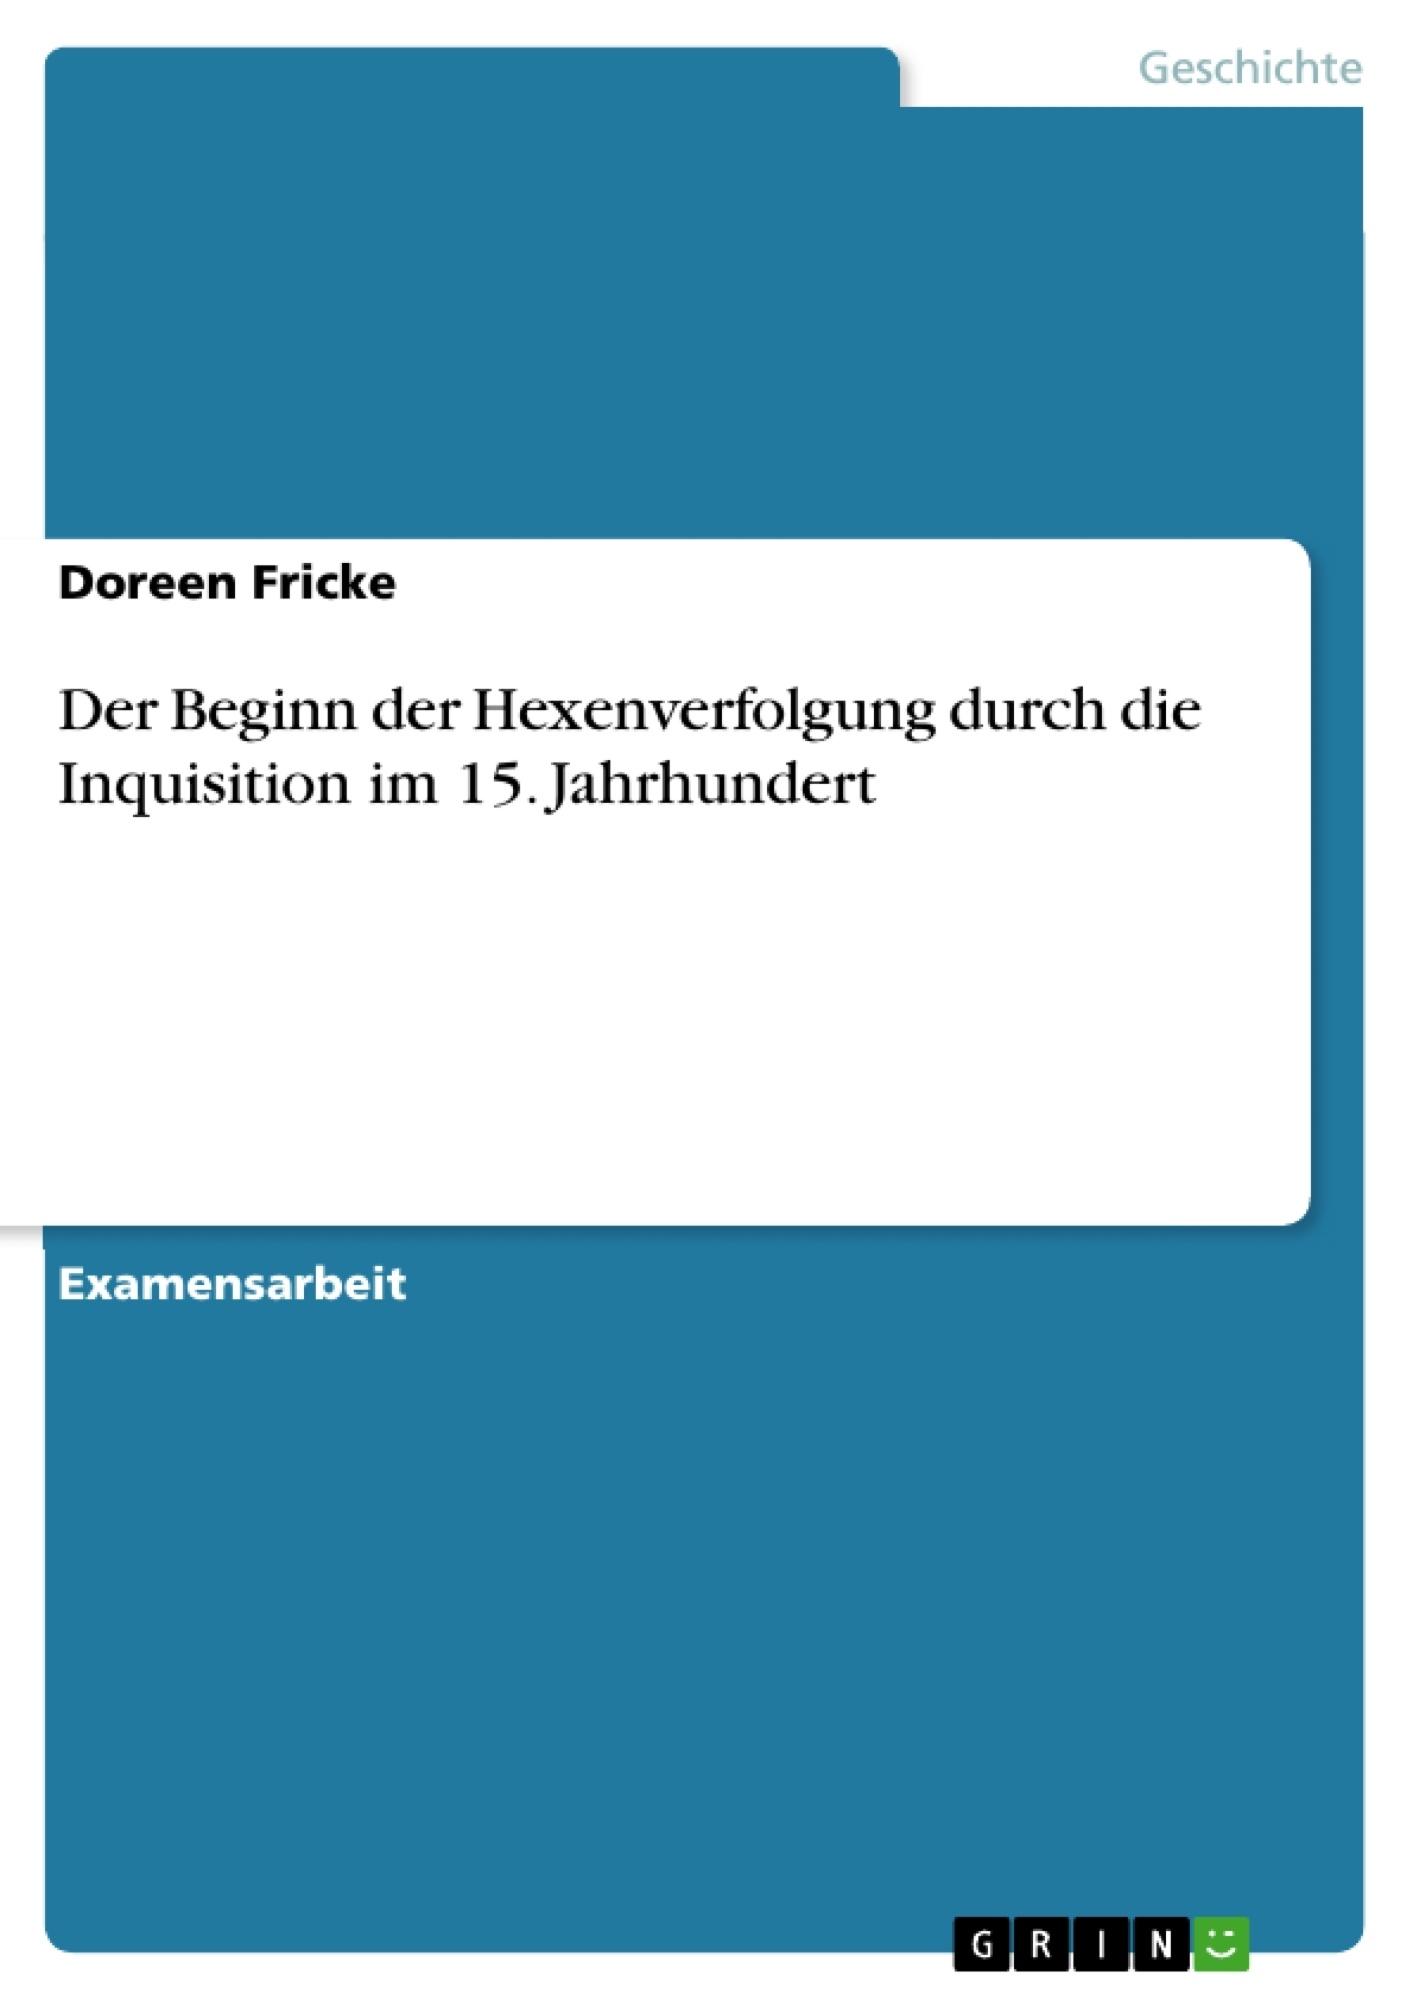 Titel: Der Beginn der Hexenverfolgung durch die Inquisition im 15. Jahrhundert